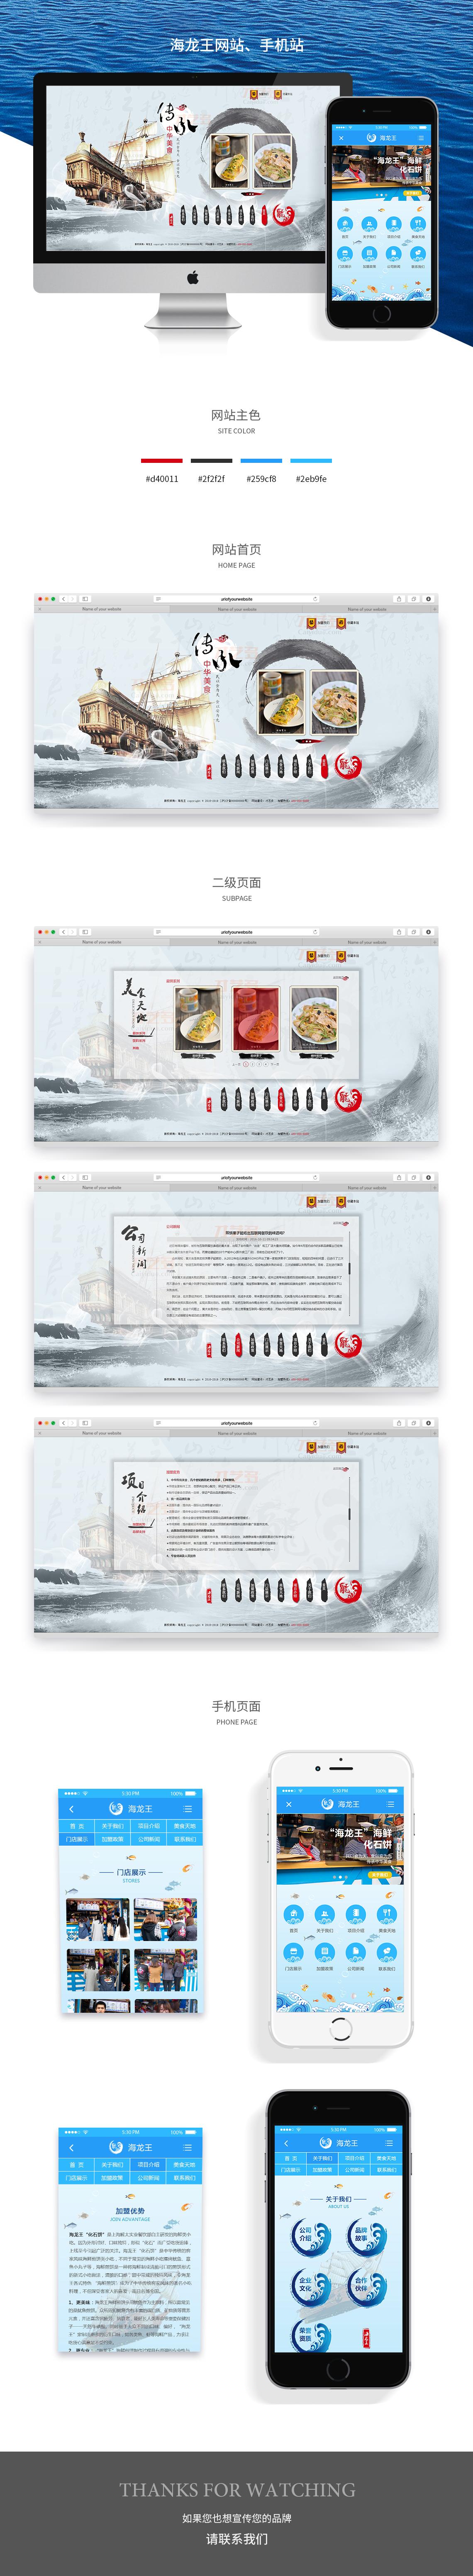 公司網站建設案例海龍王網站效果圖